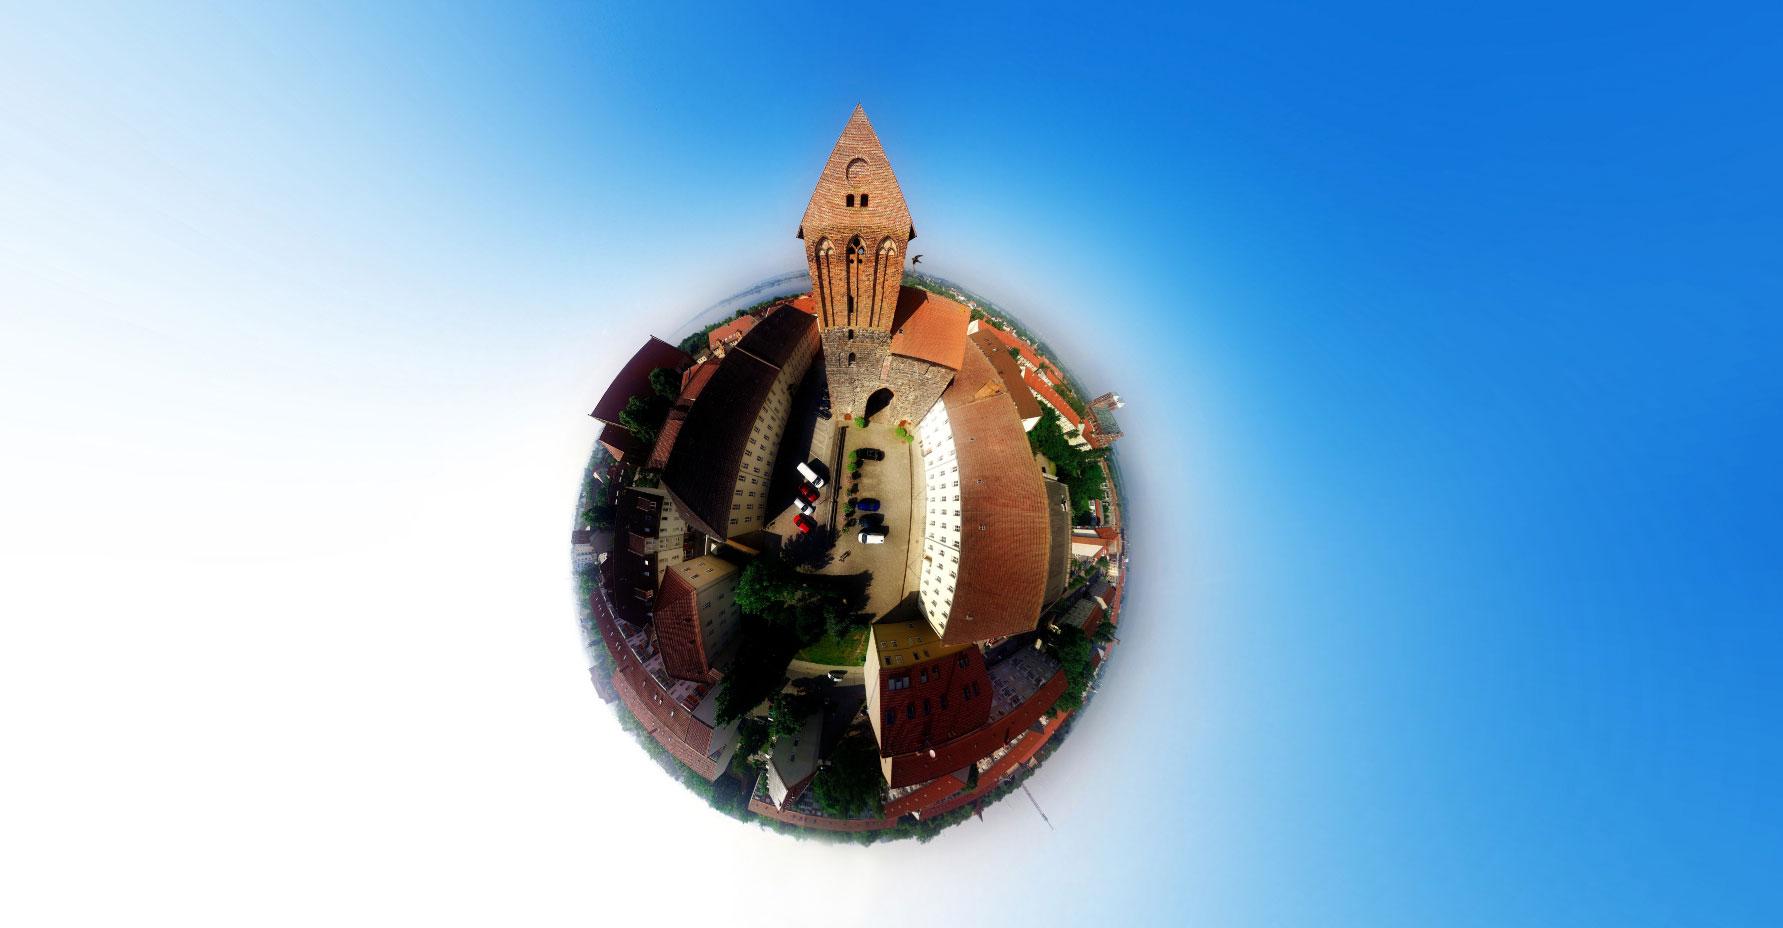 Prenzlau Alte Nikolaikirche